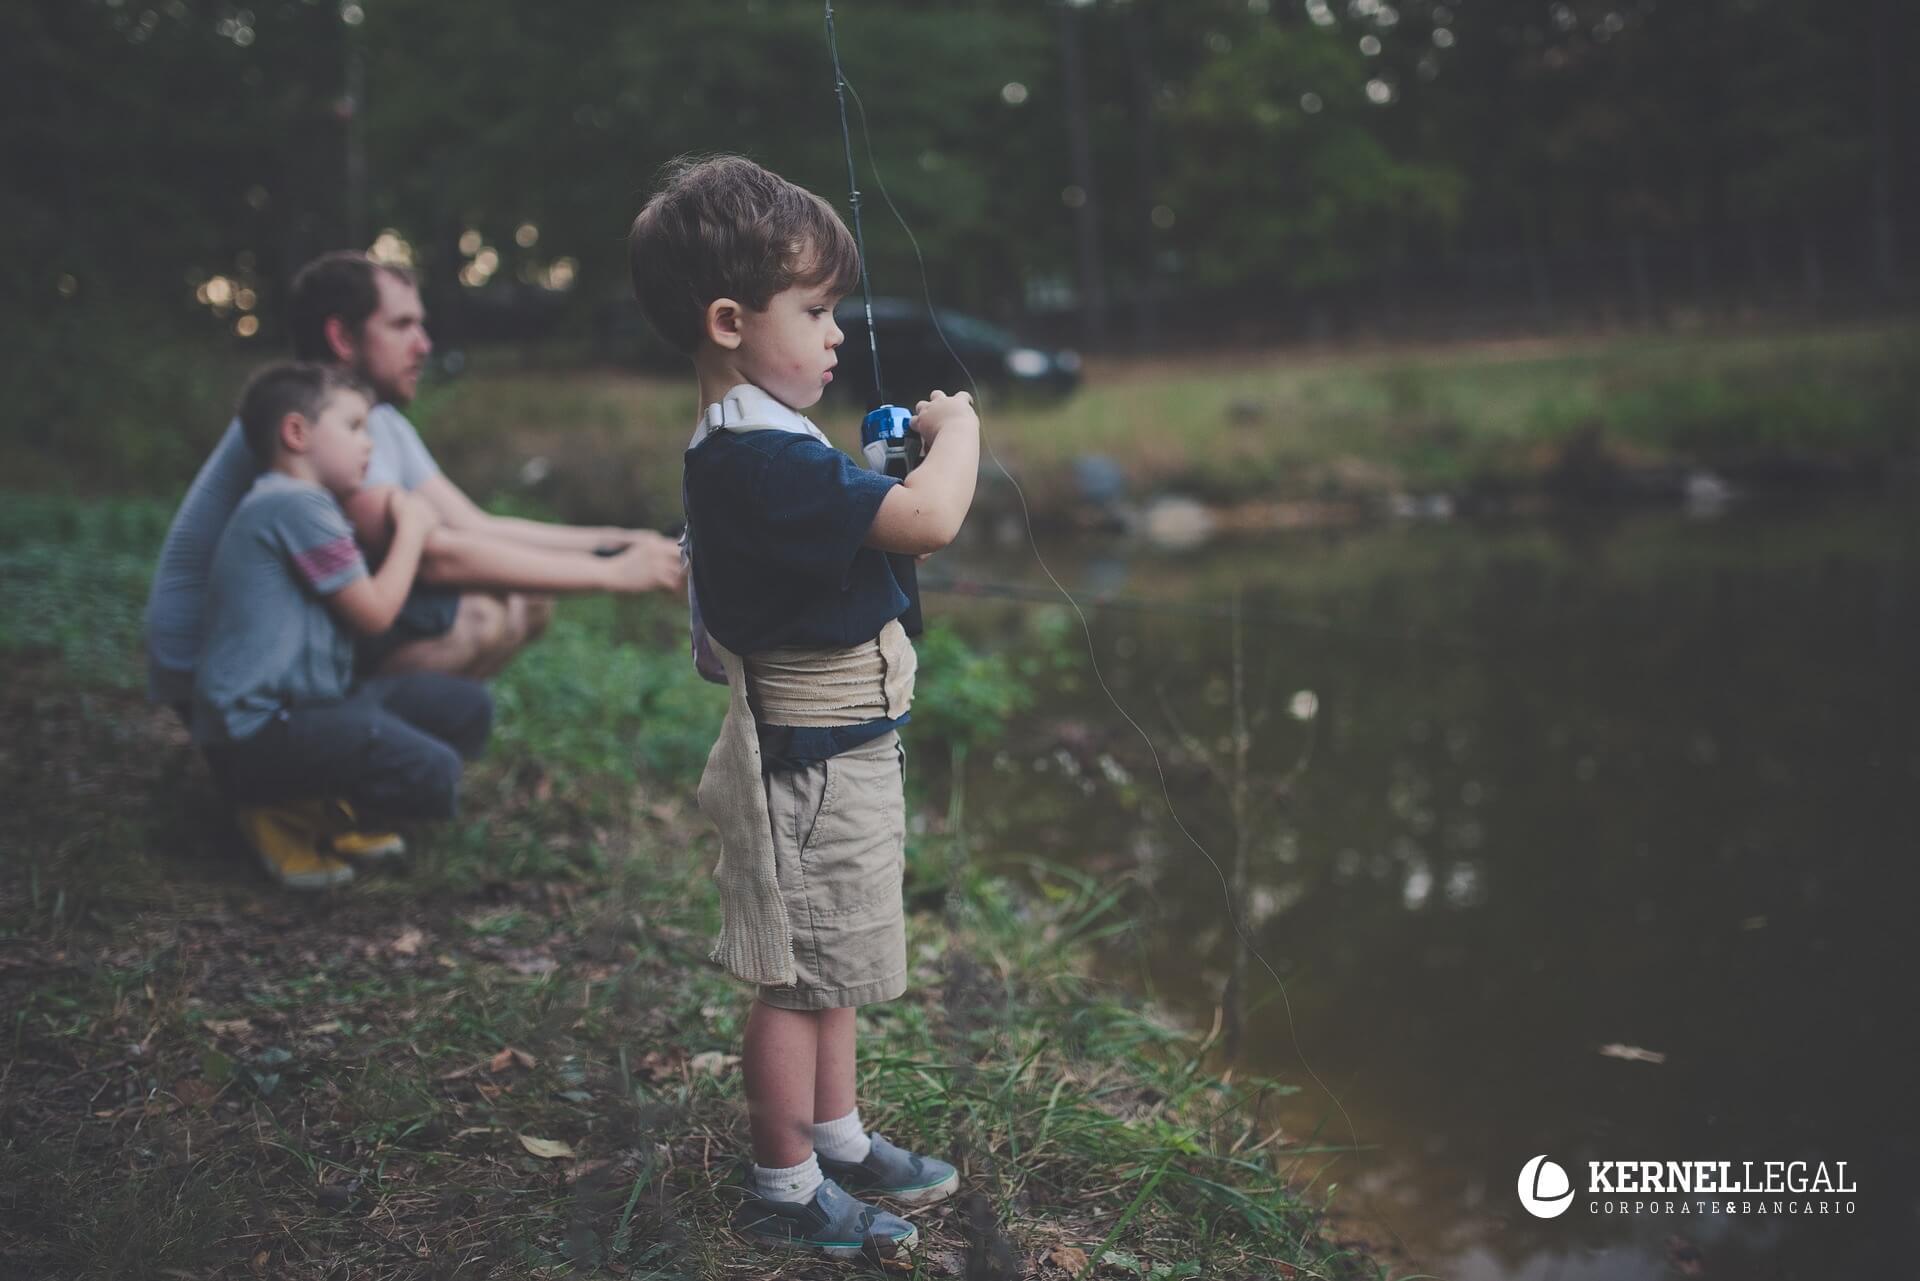 custodia compartida se puede obligar a un padre